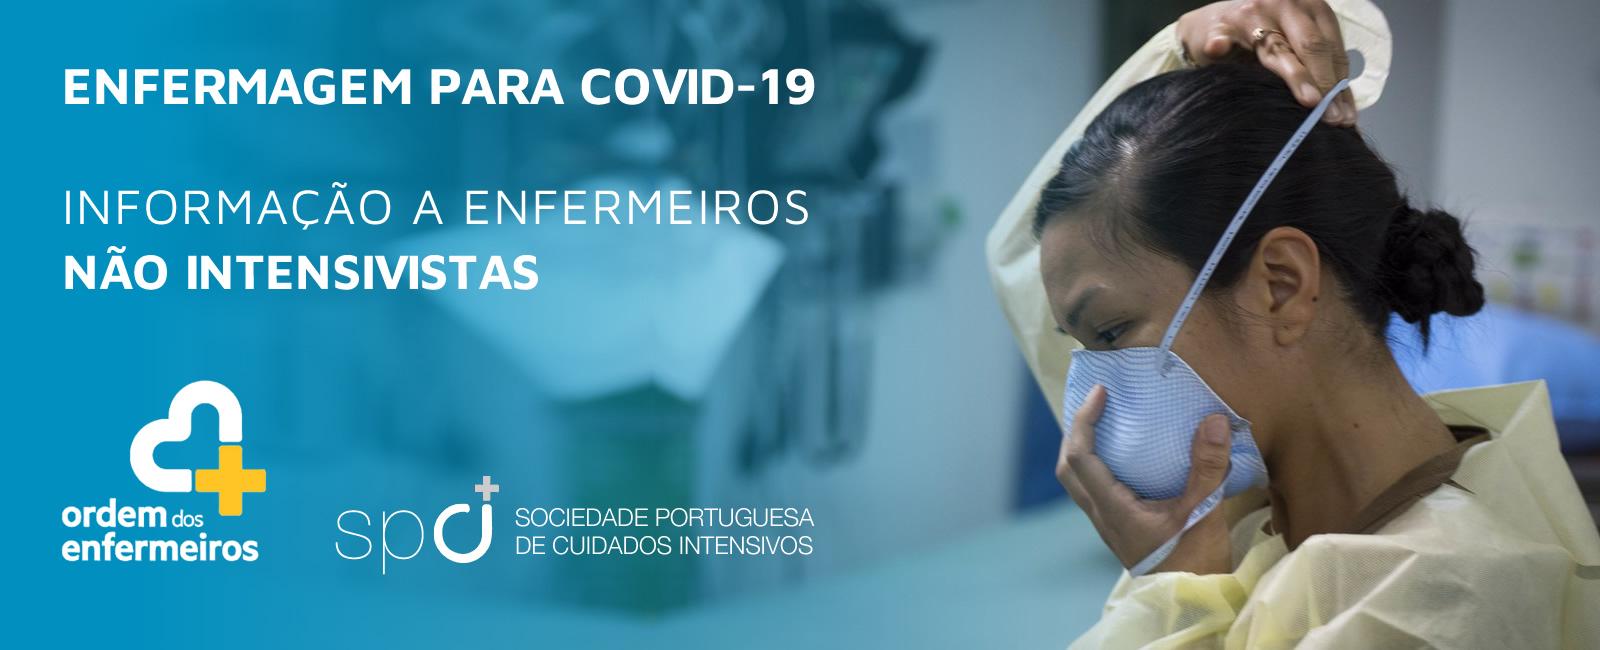 Enfermagem COVID-19